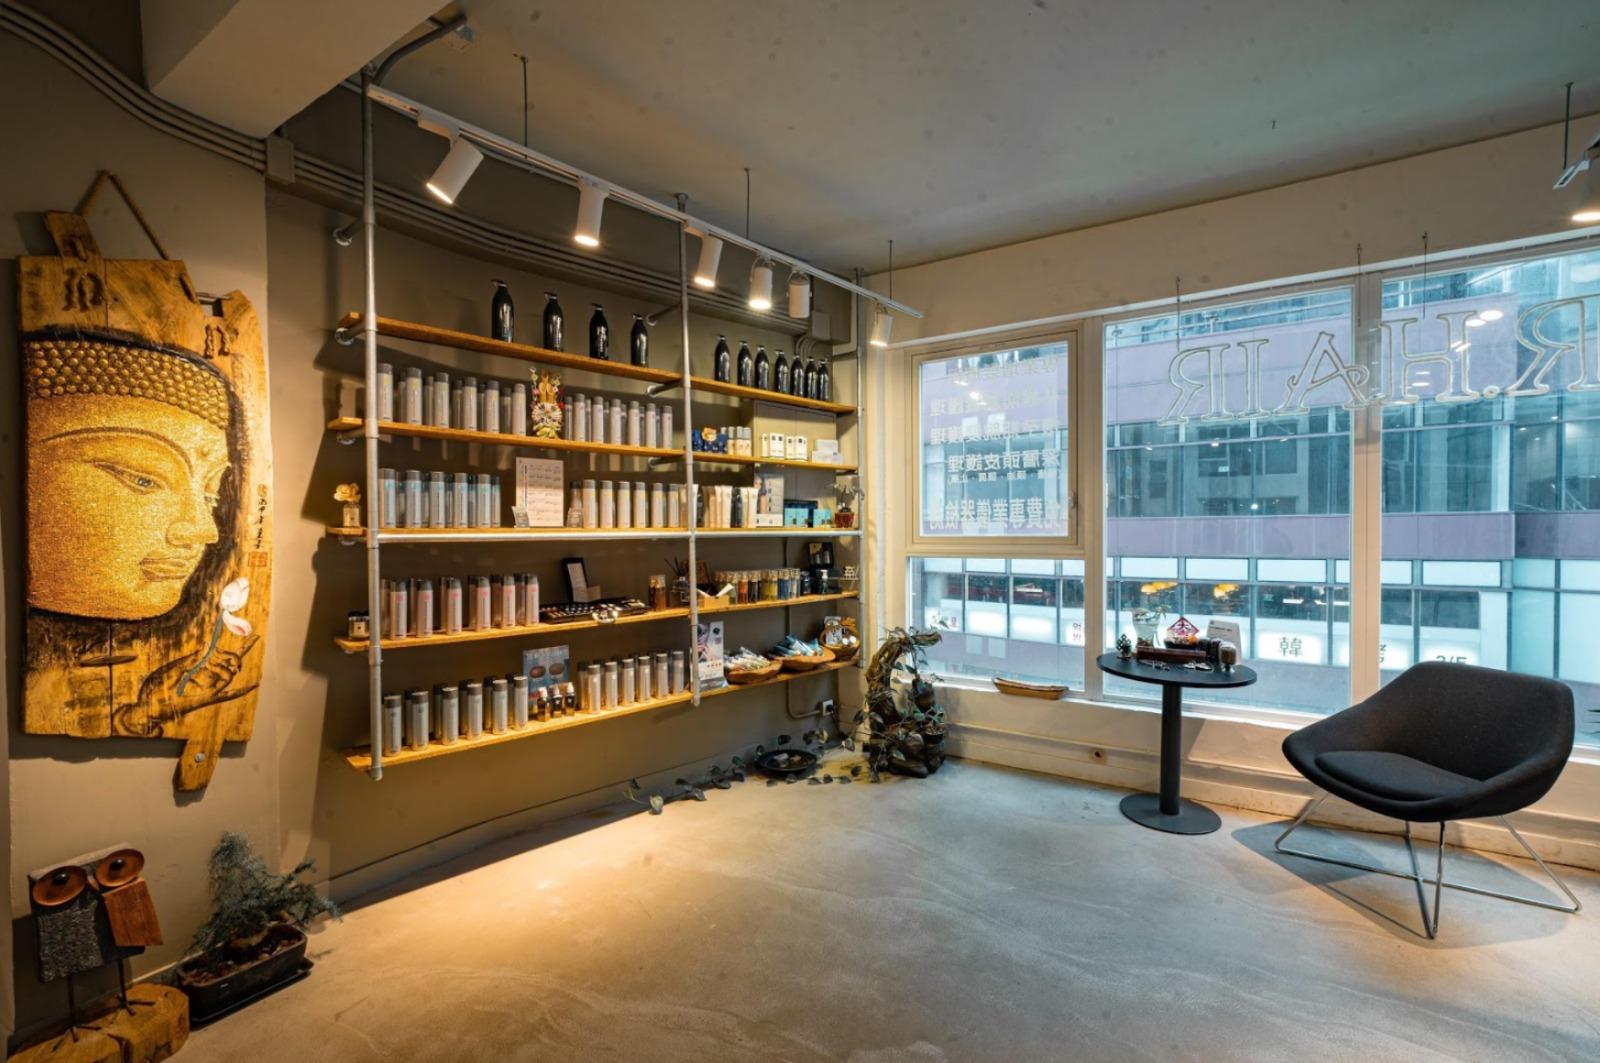 【商業空間設計】嶄新型格理髮體驗! 尖沙咀輕工業風髮廊